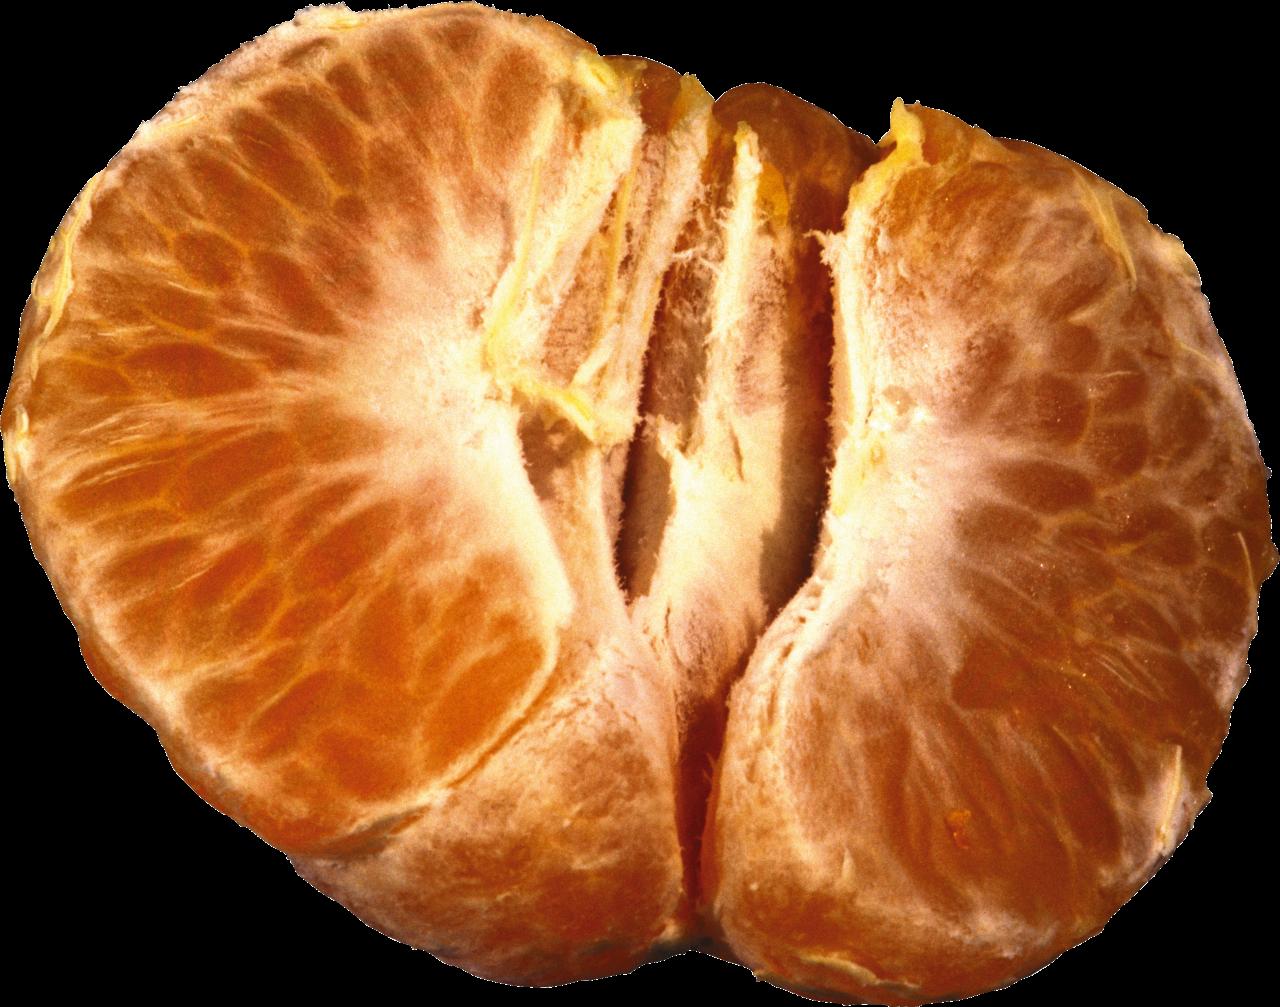 Orange PNG Image